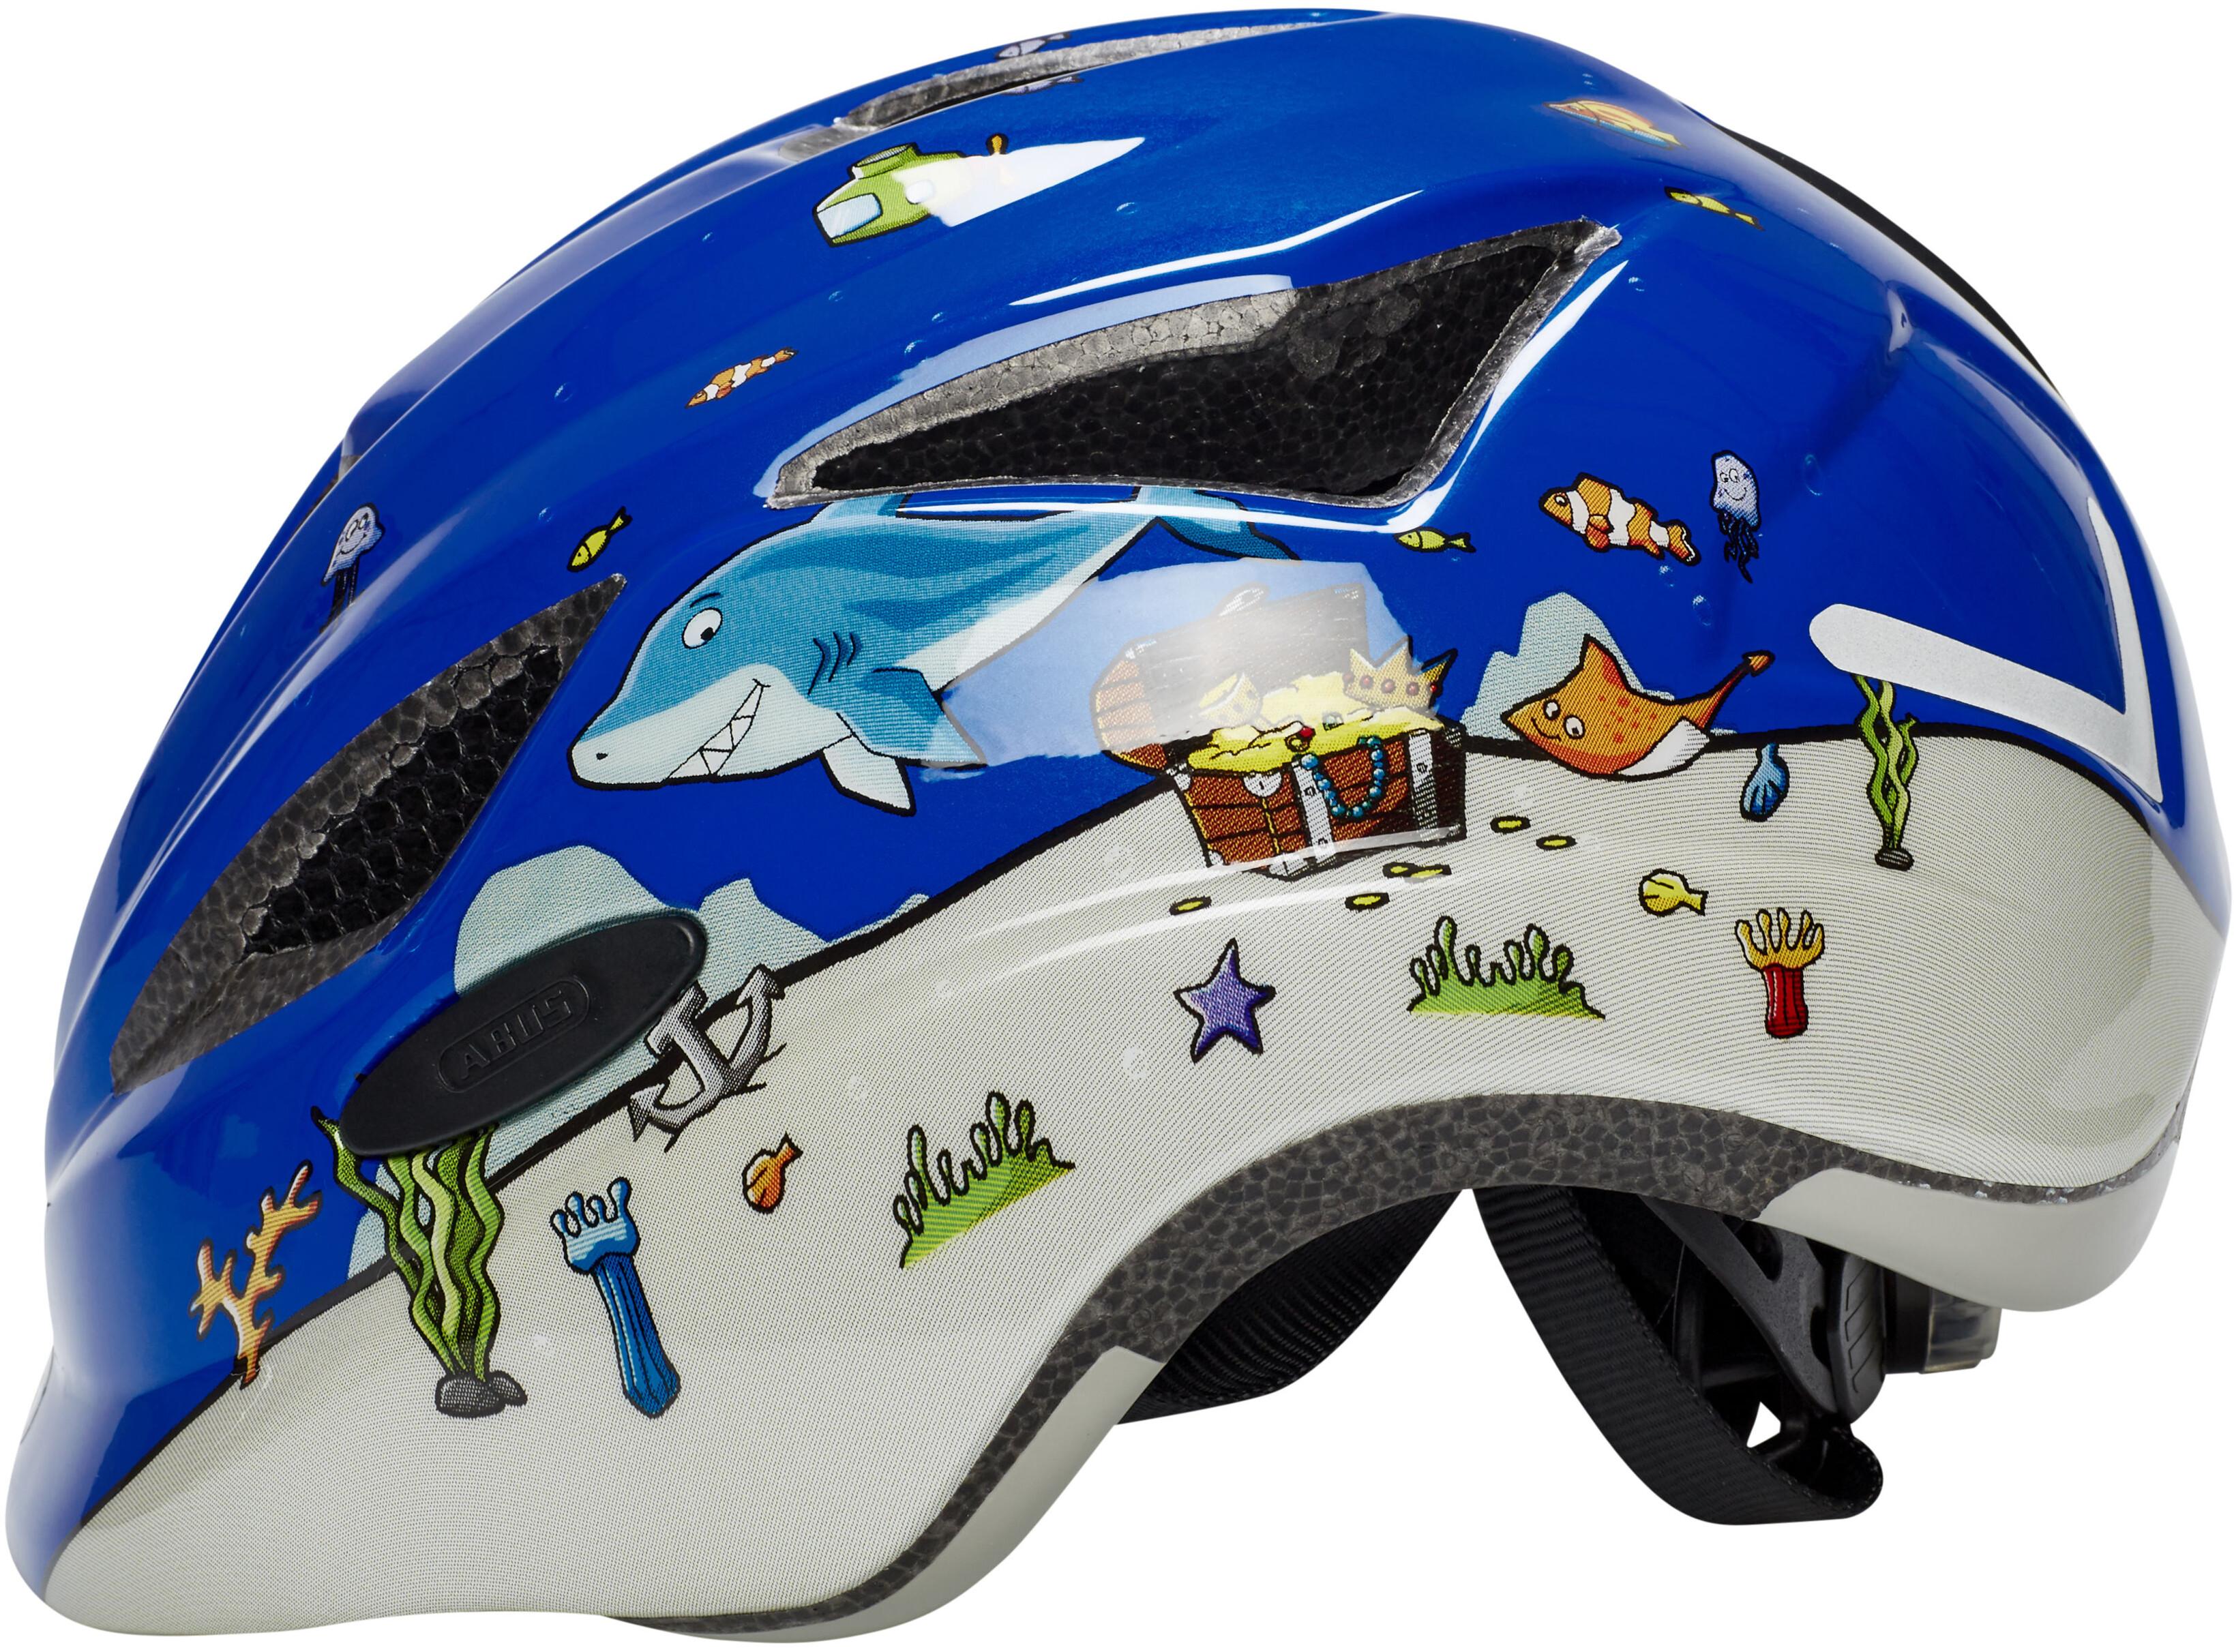 ABUS Anuky Cykelhjälm Barn blå - till fenomenalt pris på Bikester 3d1fcd3e434b8